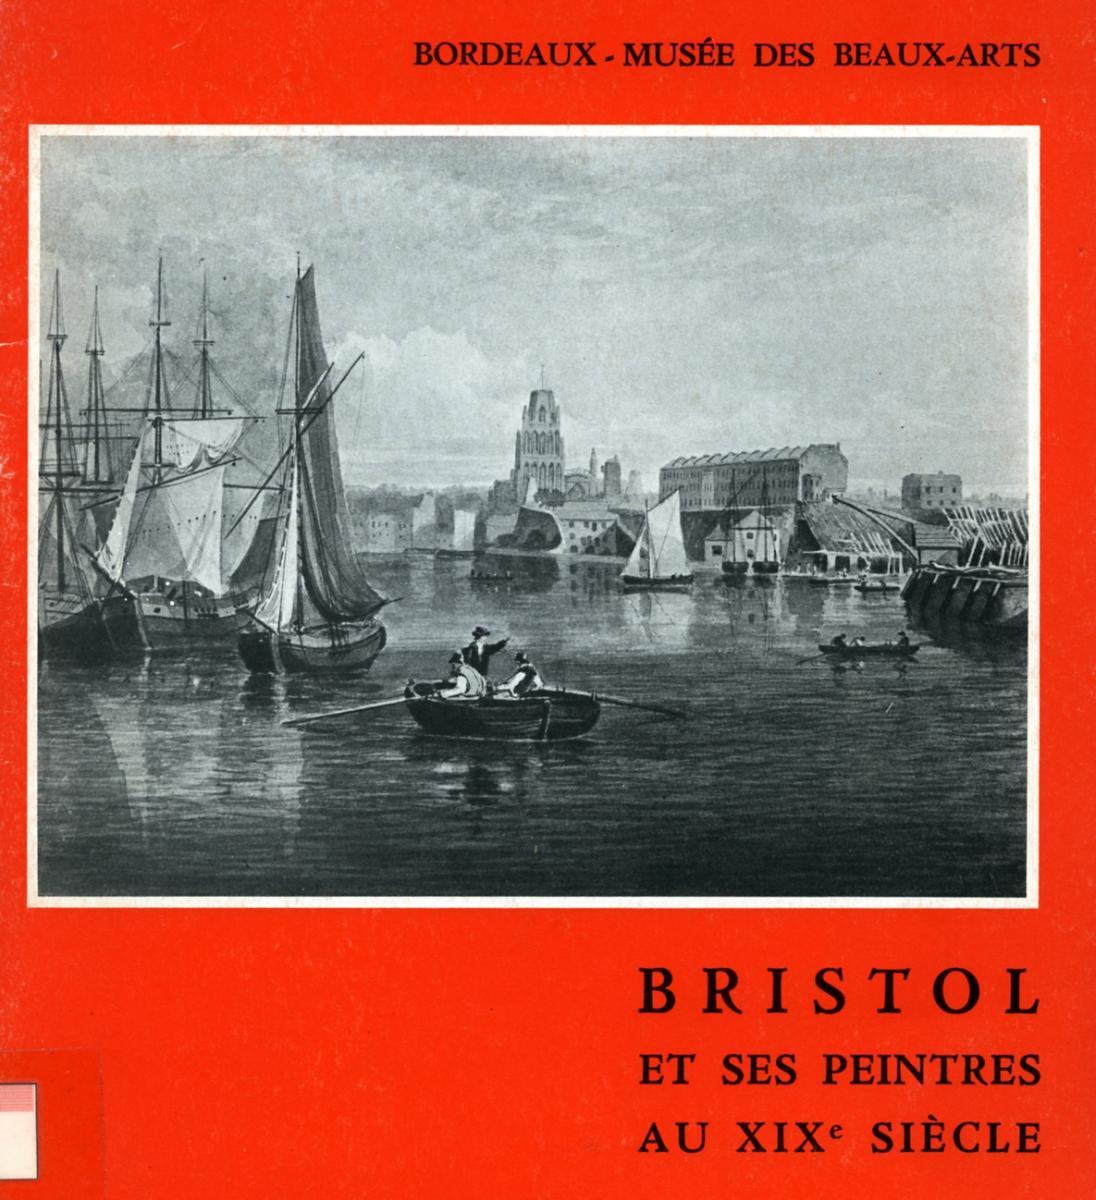 """Voir ou télécharger le catalogue de l'exposition """"Bristol et ses peintres au XIXe siècle"""", 1972 (format PDF) © Documentation musée des Beaux-Arts - Mairie de Bordeaux"""